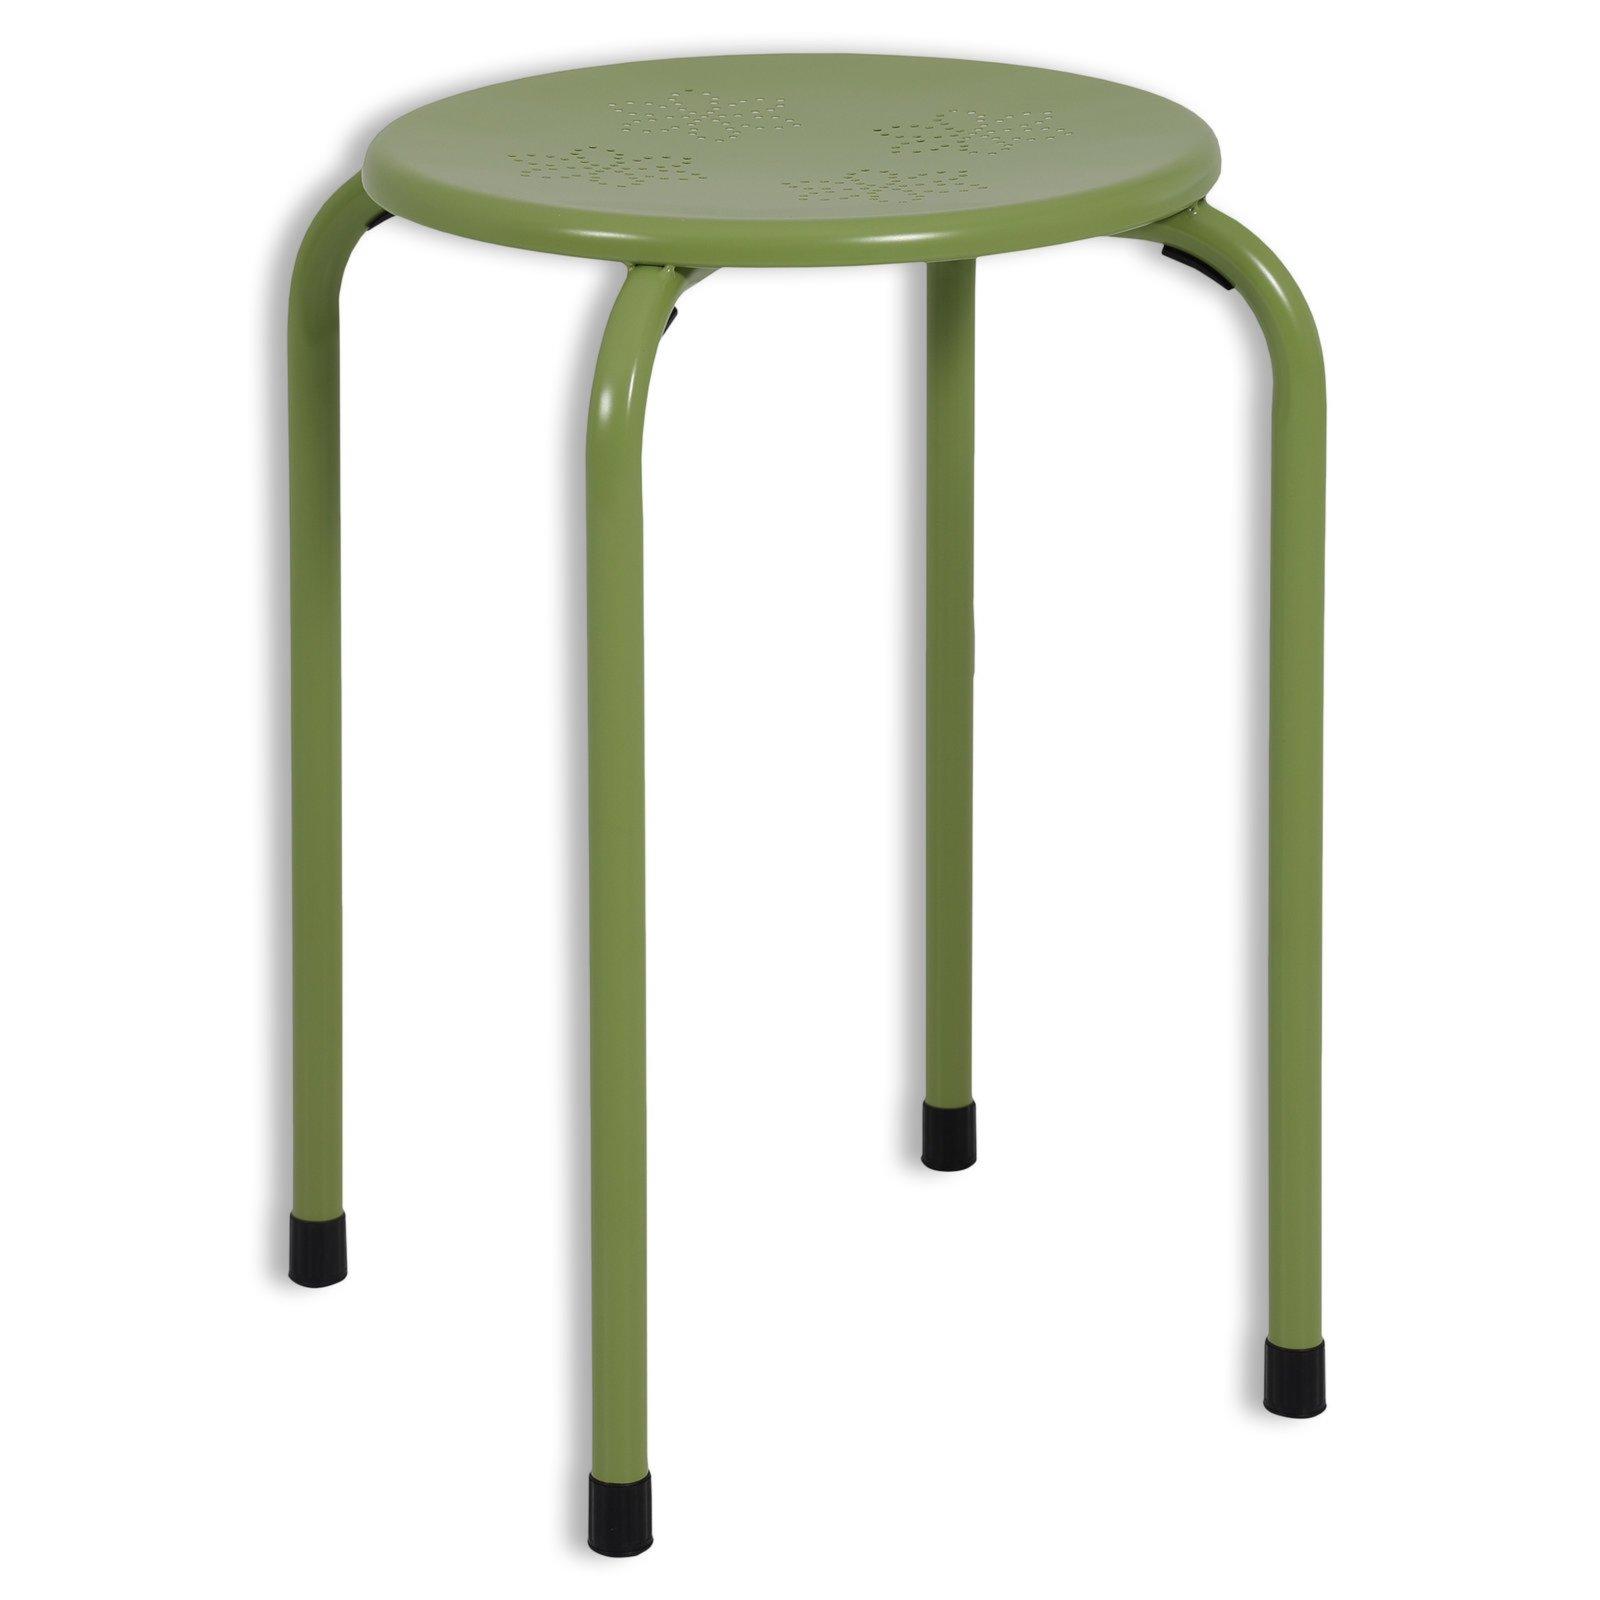 hocker sammy gr n metall 30 cm hocker st hle. Black Bedroom Furniture Sets. Home Design Ideas